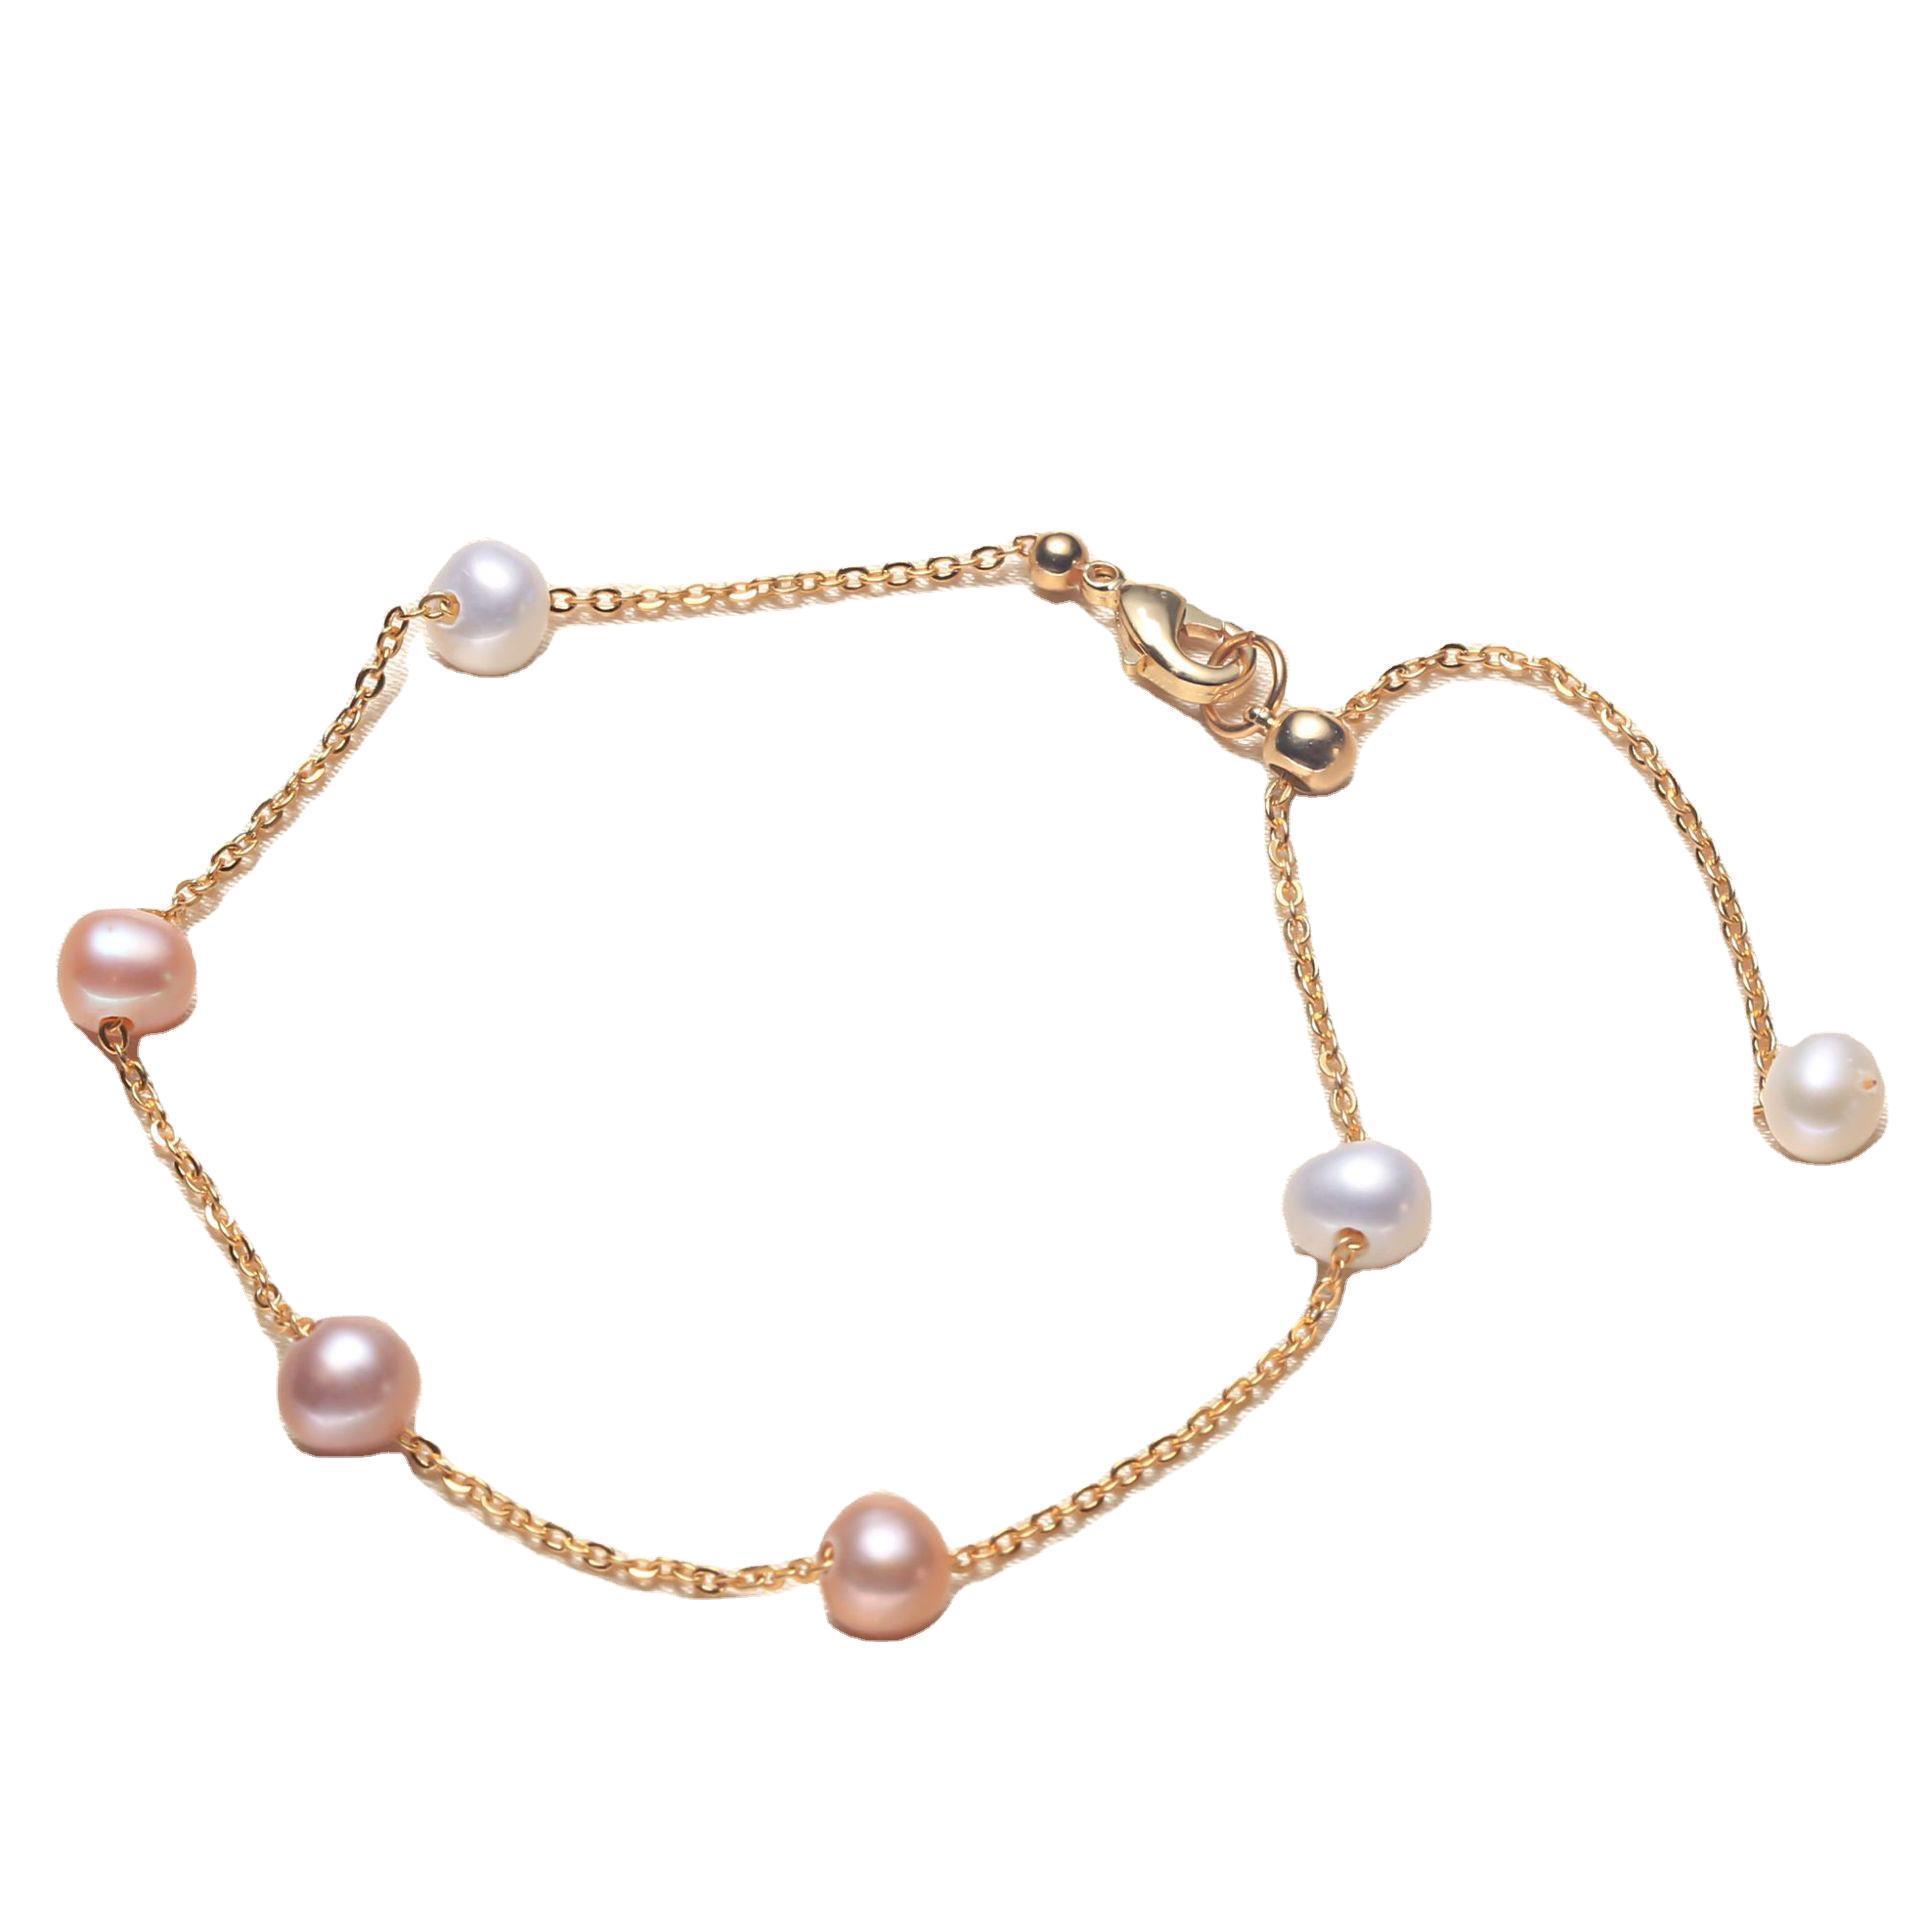 Браслет для женщин пресноводный жемчужный браслет дружбы мода светло роскошный бисерный браслет ювелирные аксессуары оптом